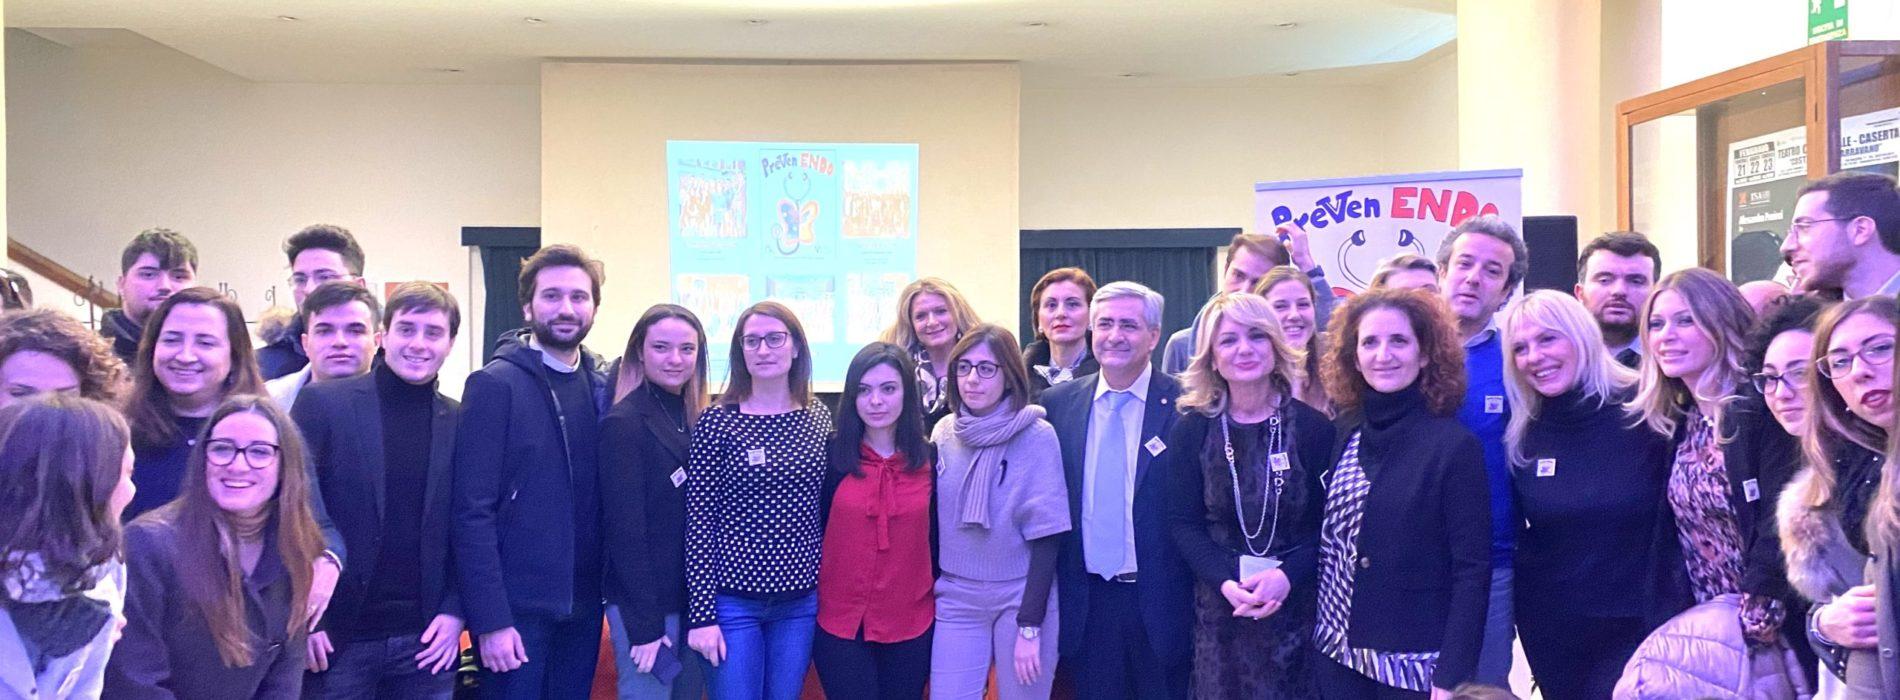 PreVenENDO, l'Università Vanvitelli insegna la prevenzione